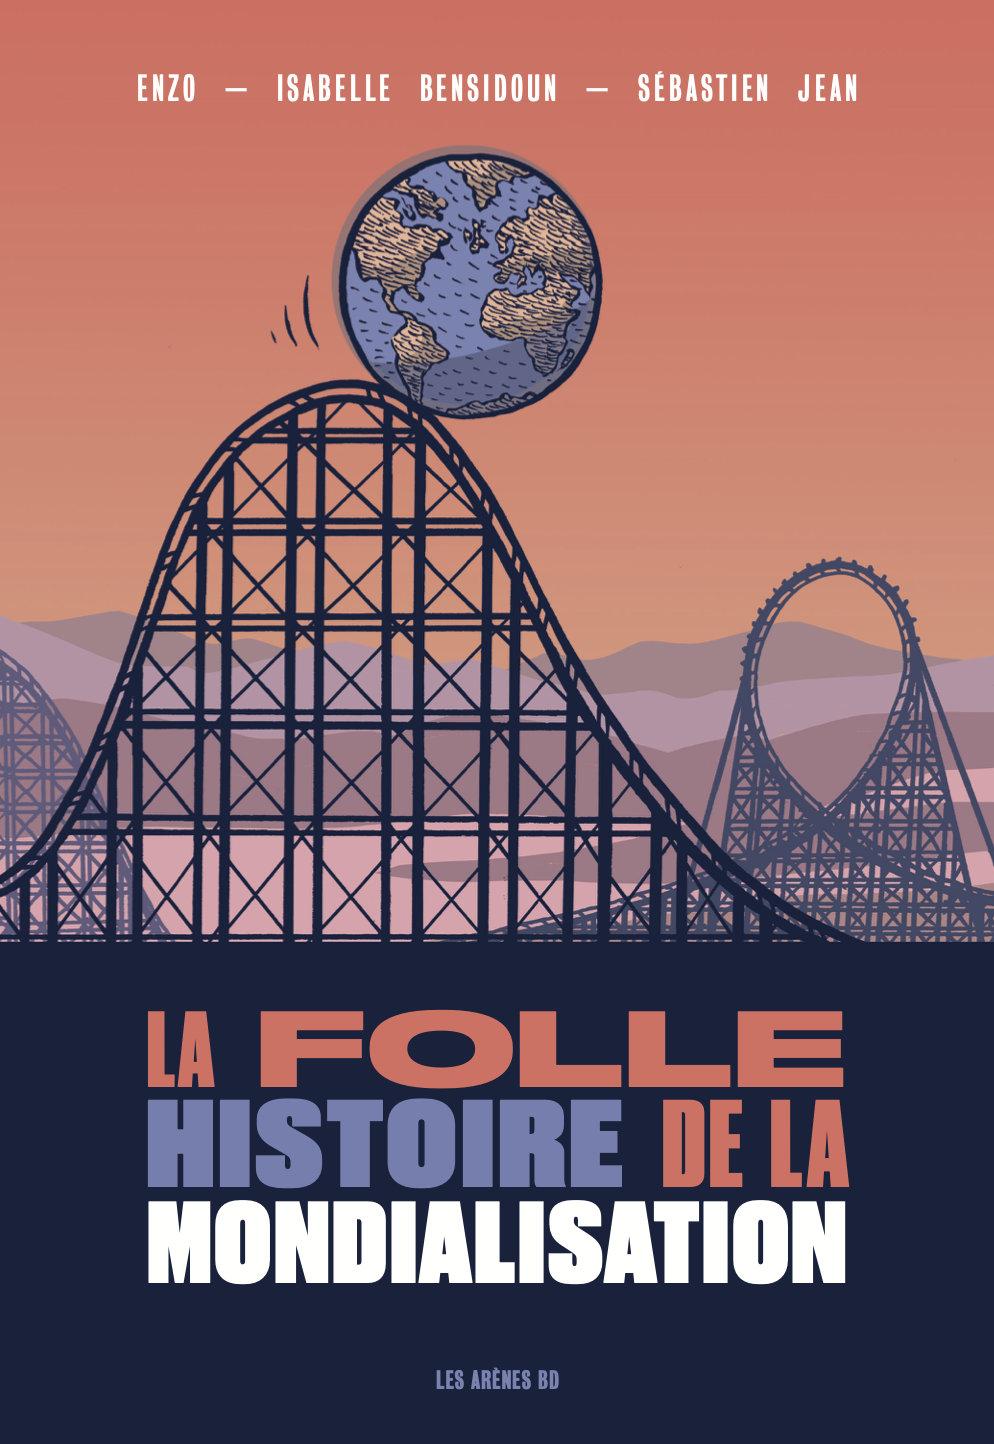 """«La folle histoire de la mondialisation"""", Enzo, Isabelle Bensidoun et Sébastien Jean, Les Arènes BD (248 pages, 24,90 €)"""